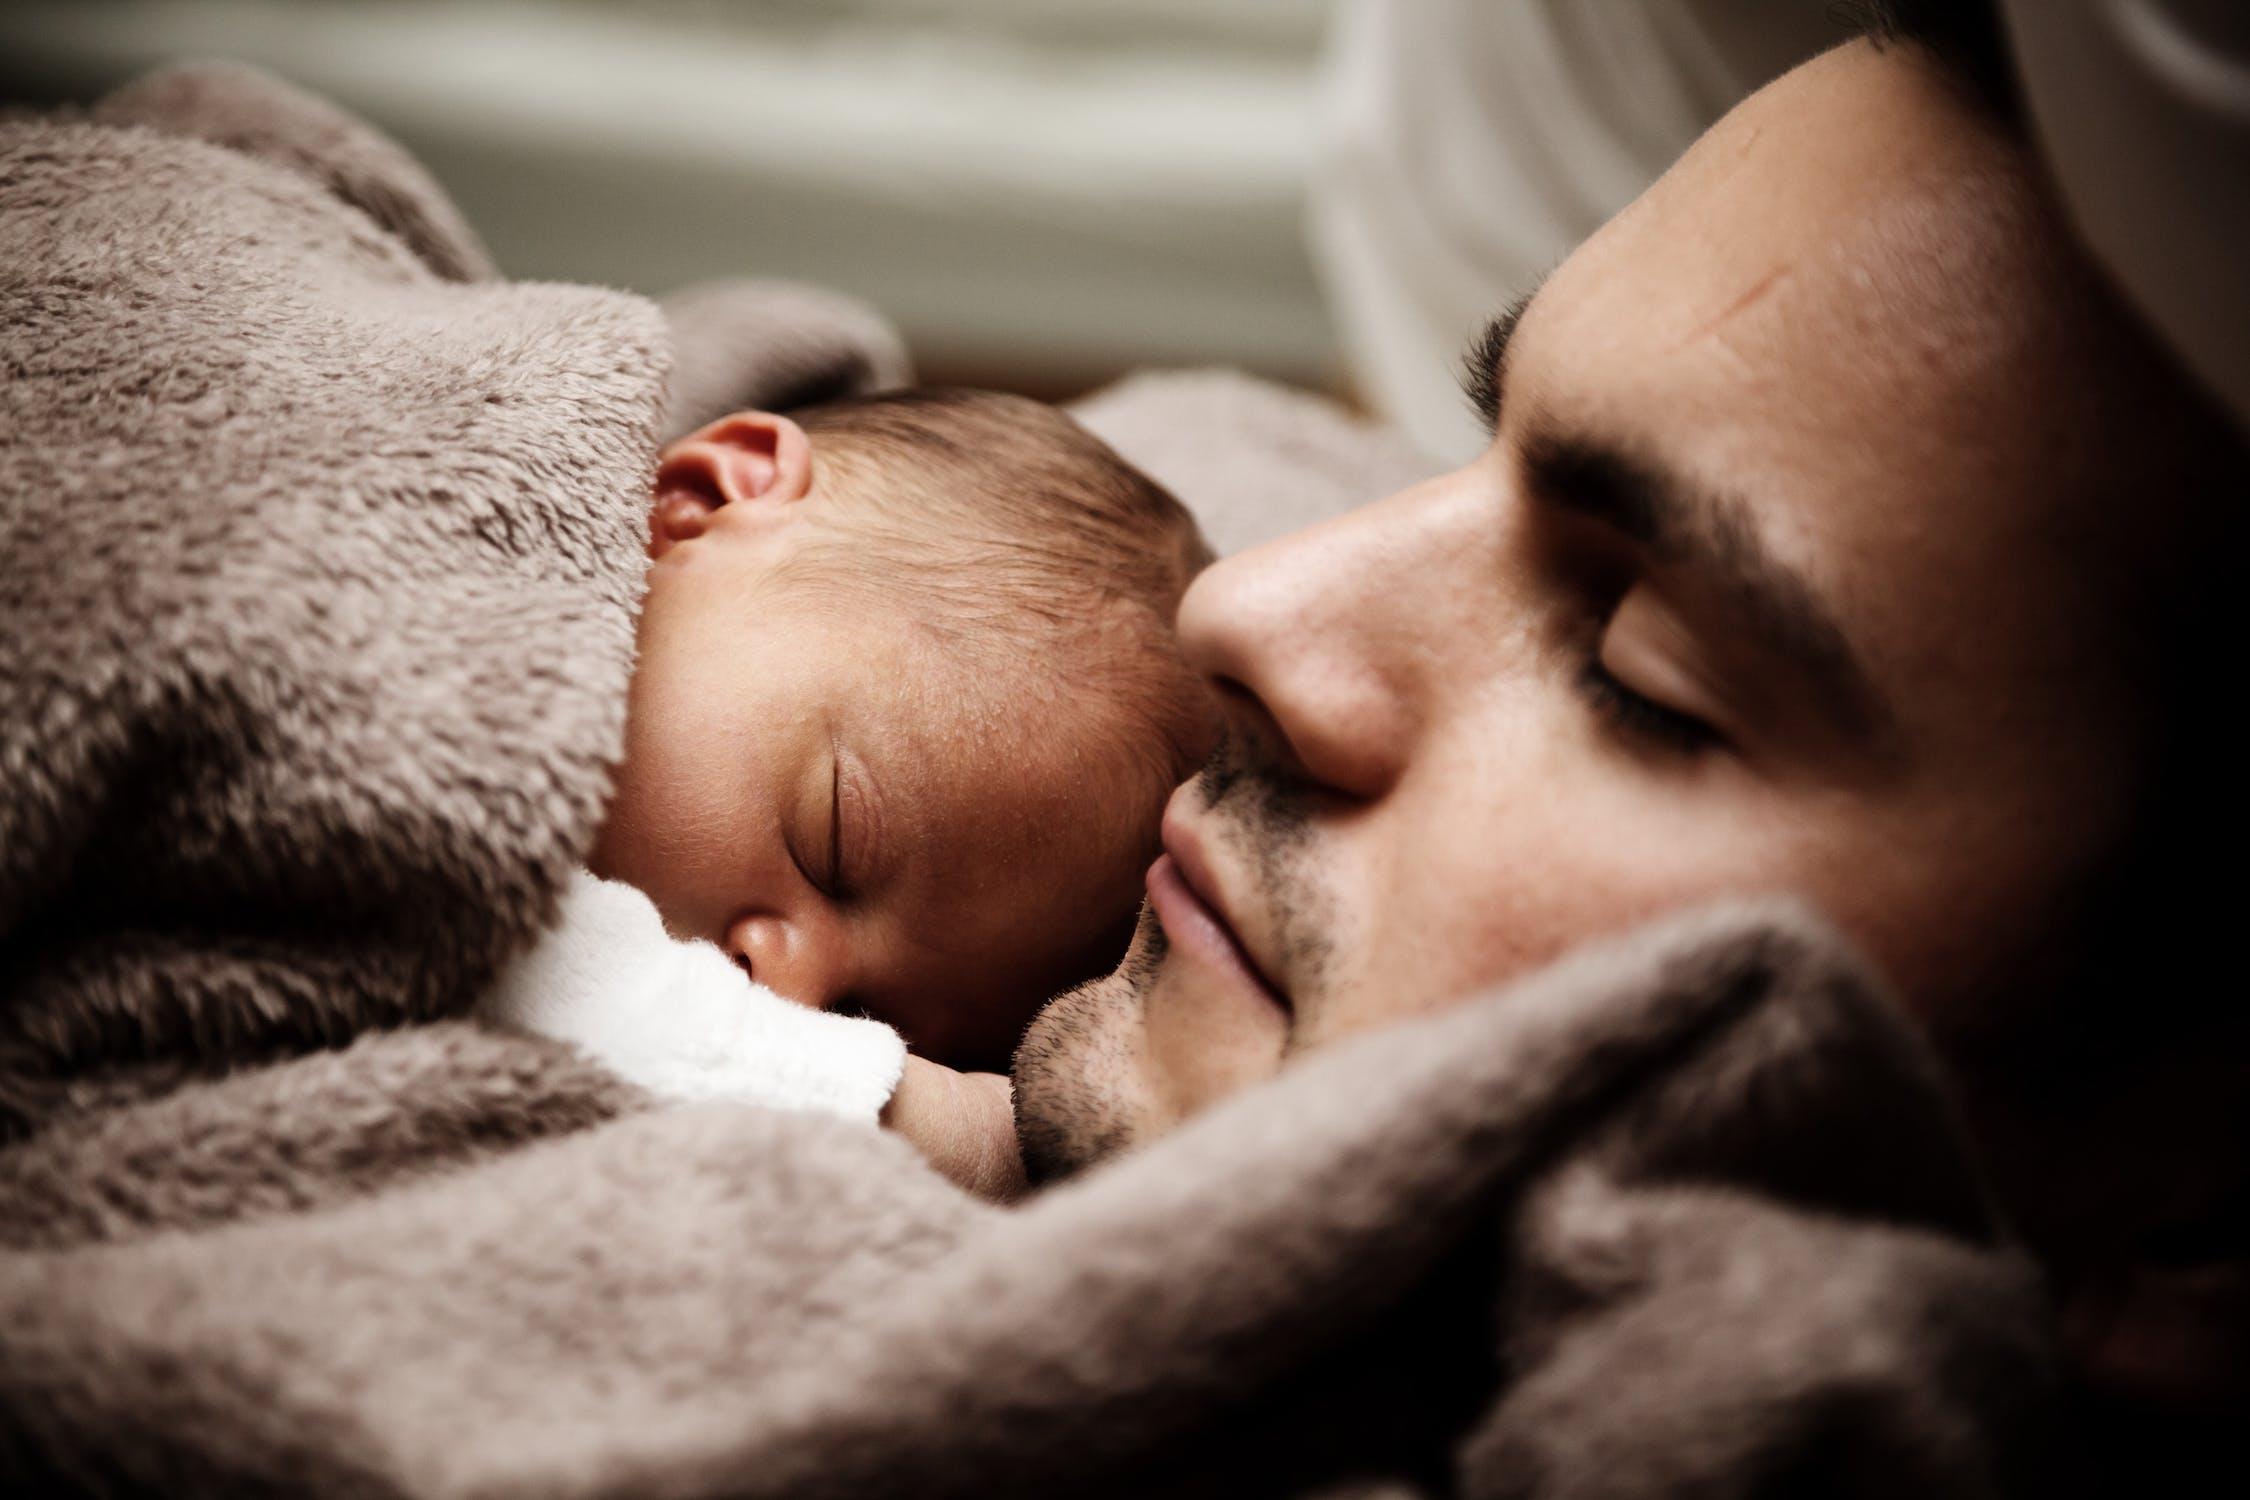 Padre durmiendo con un bebé